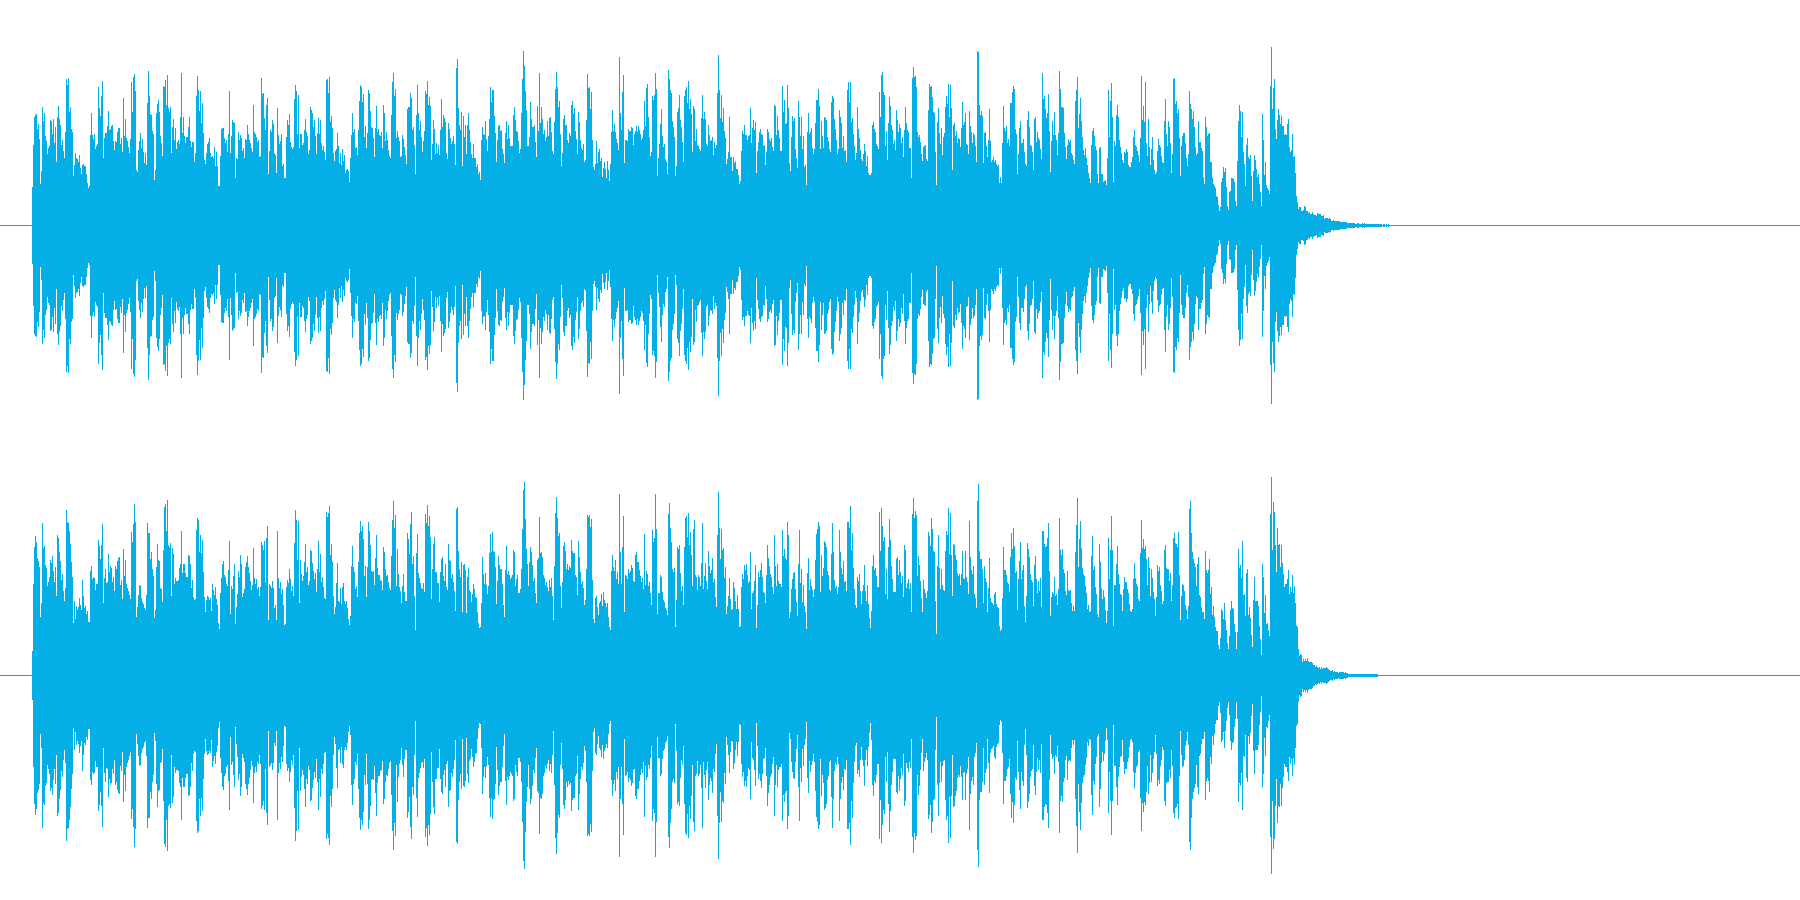 キャッチーなテクノポップ(サビ)の再生済みの波形